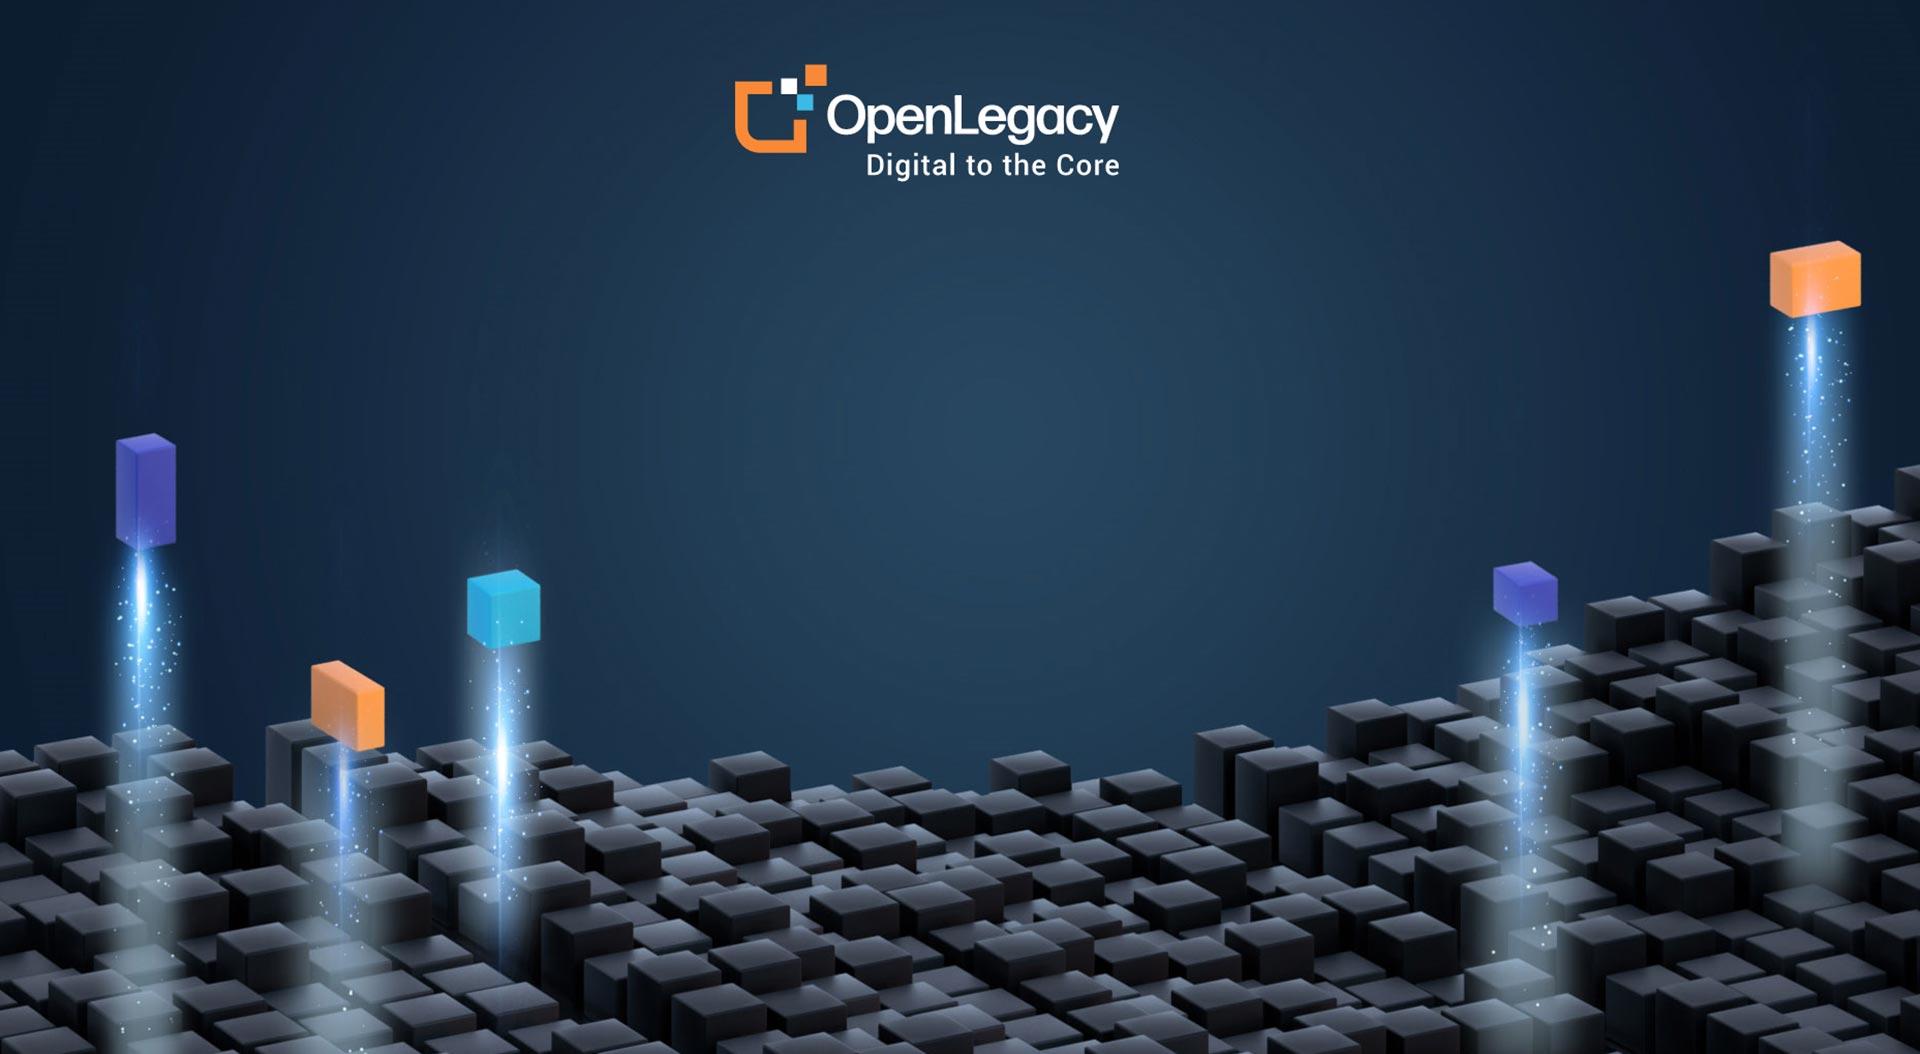 OpenLegacy Design Platform